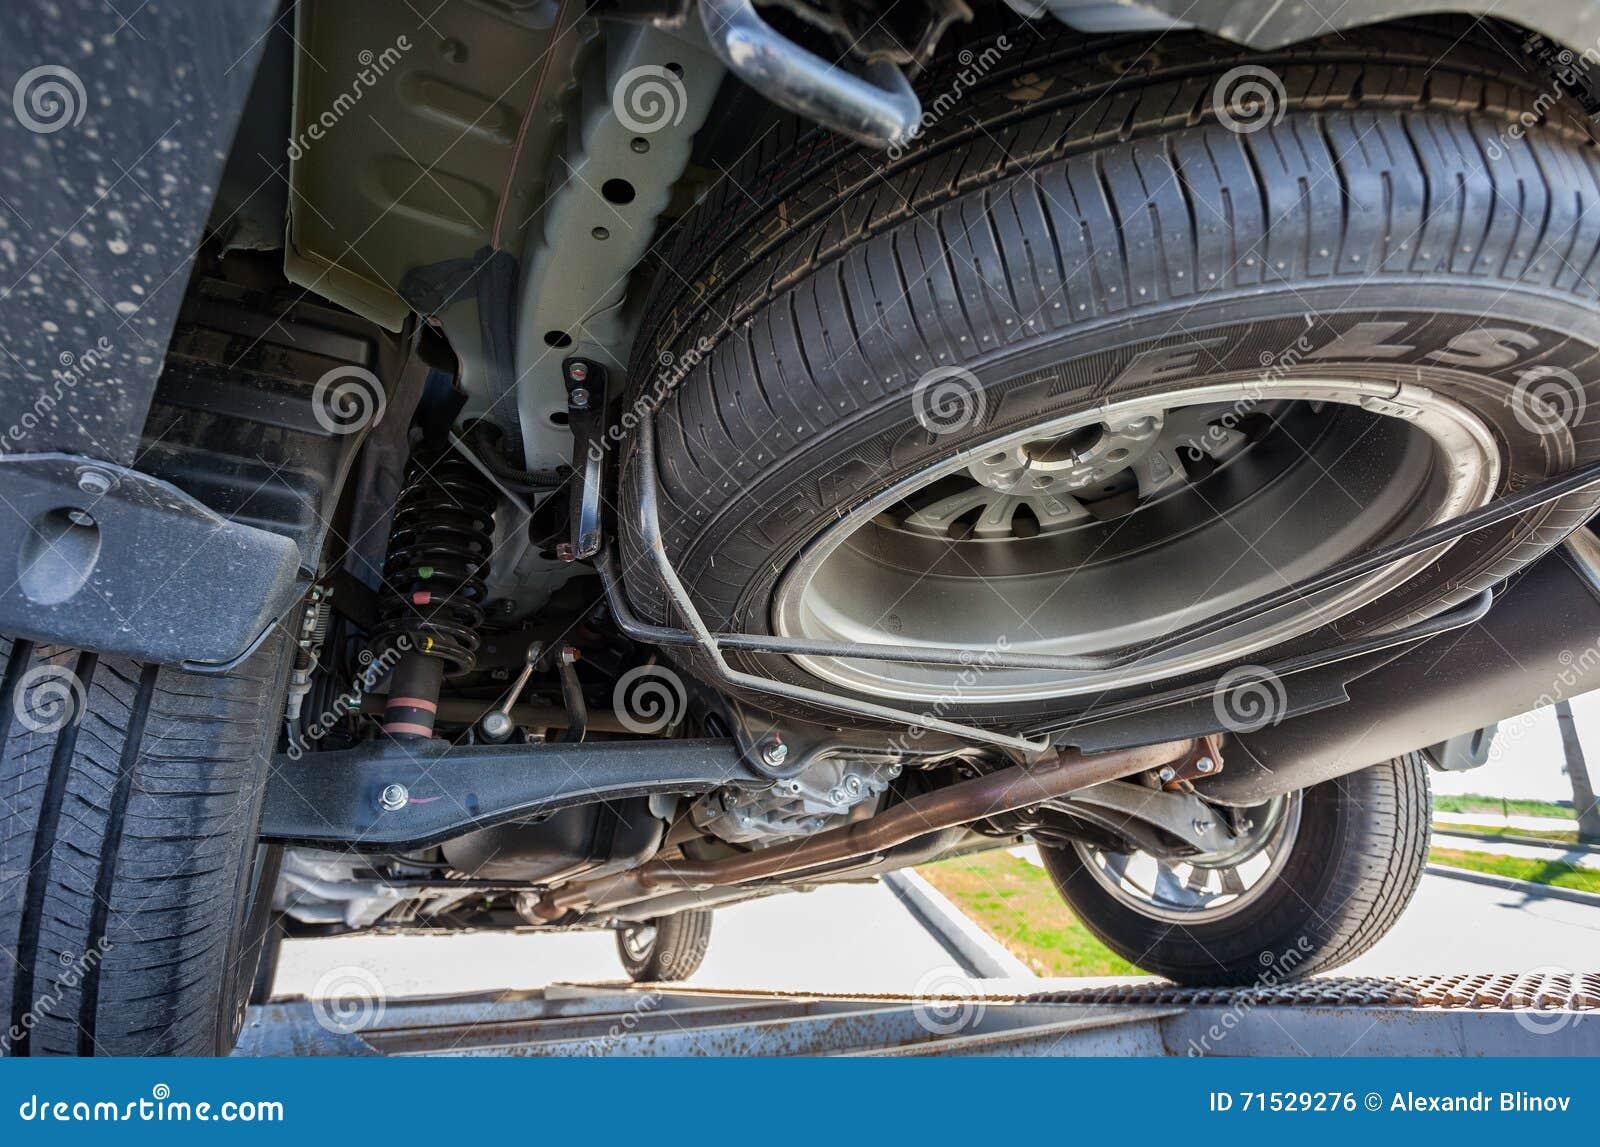 car bottom view outdo